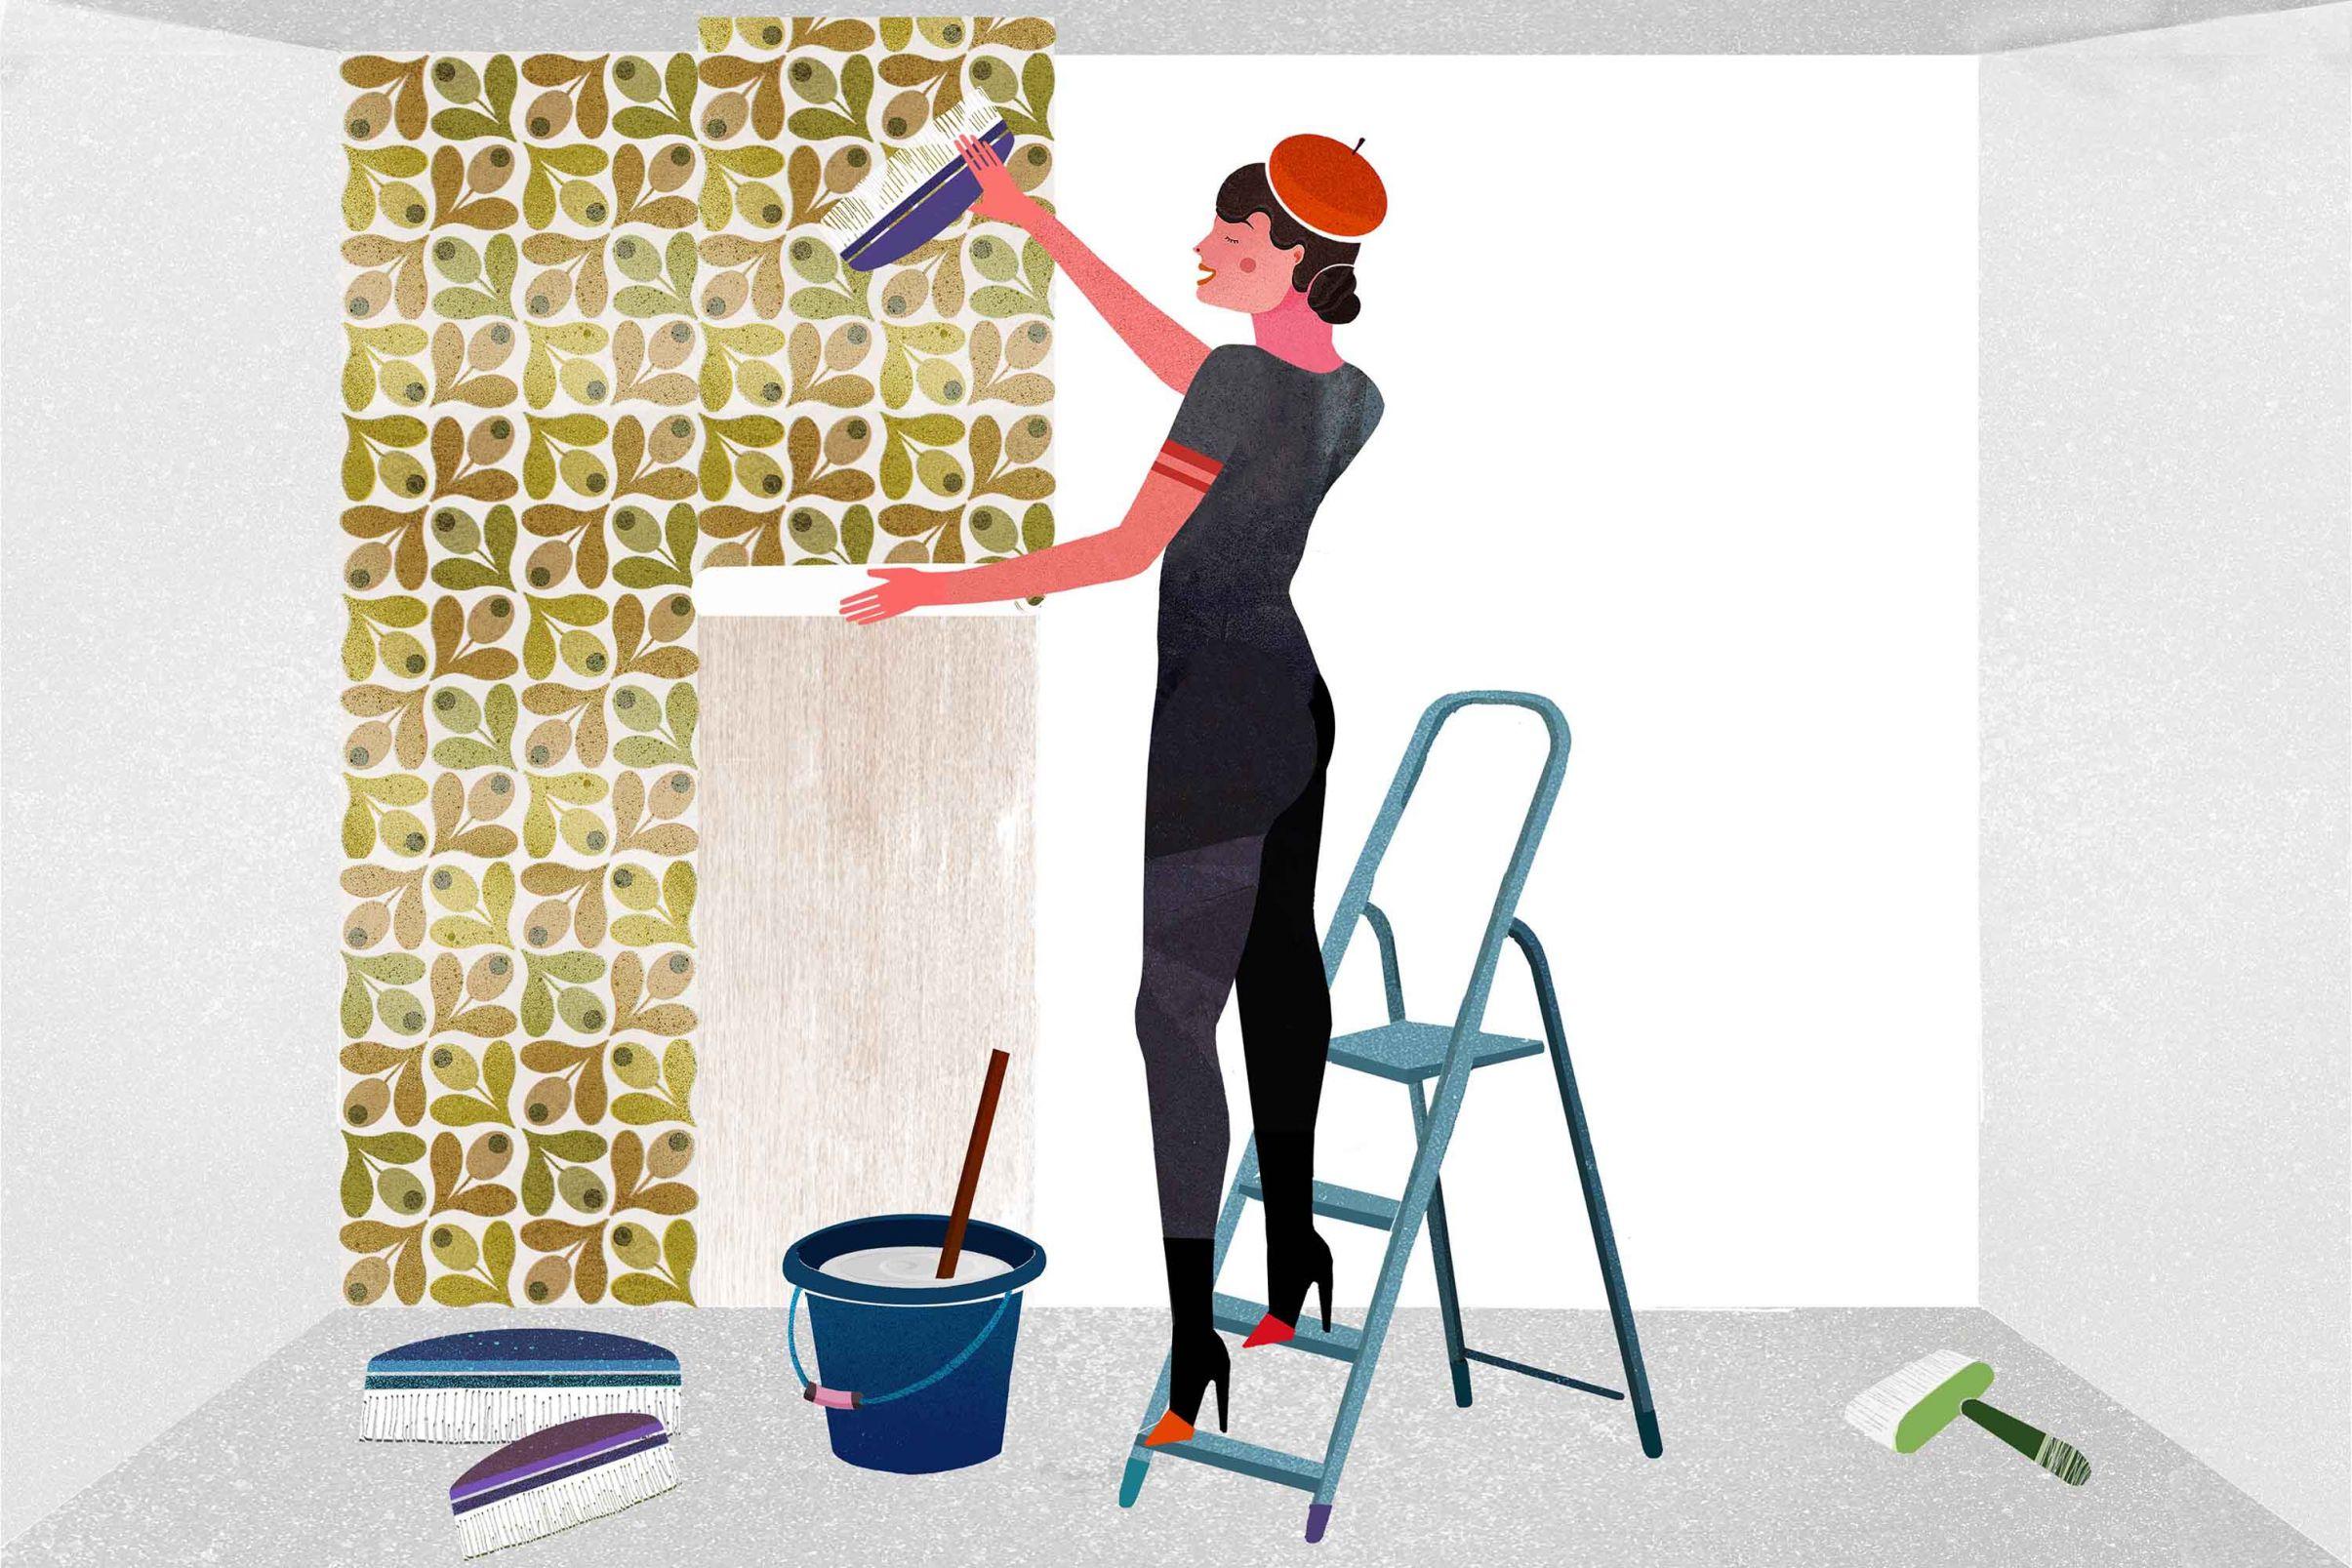 Como-colocar-papel-pintado-tejido-no-tejido-Colocar-las-tiras-de-papel-pintado-en-la-pared